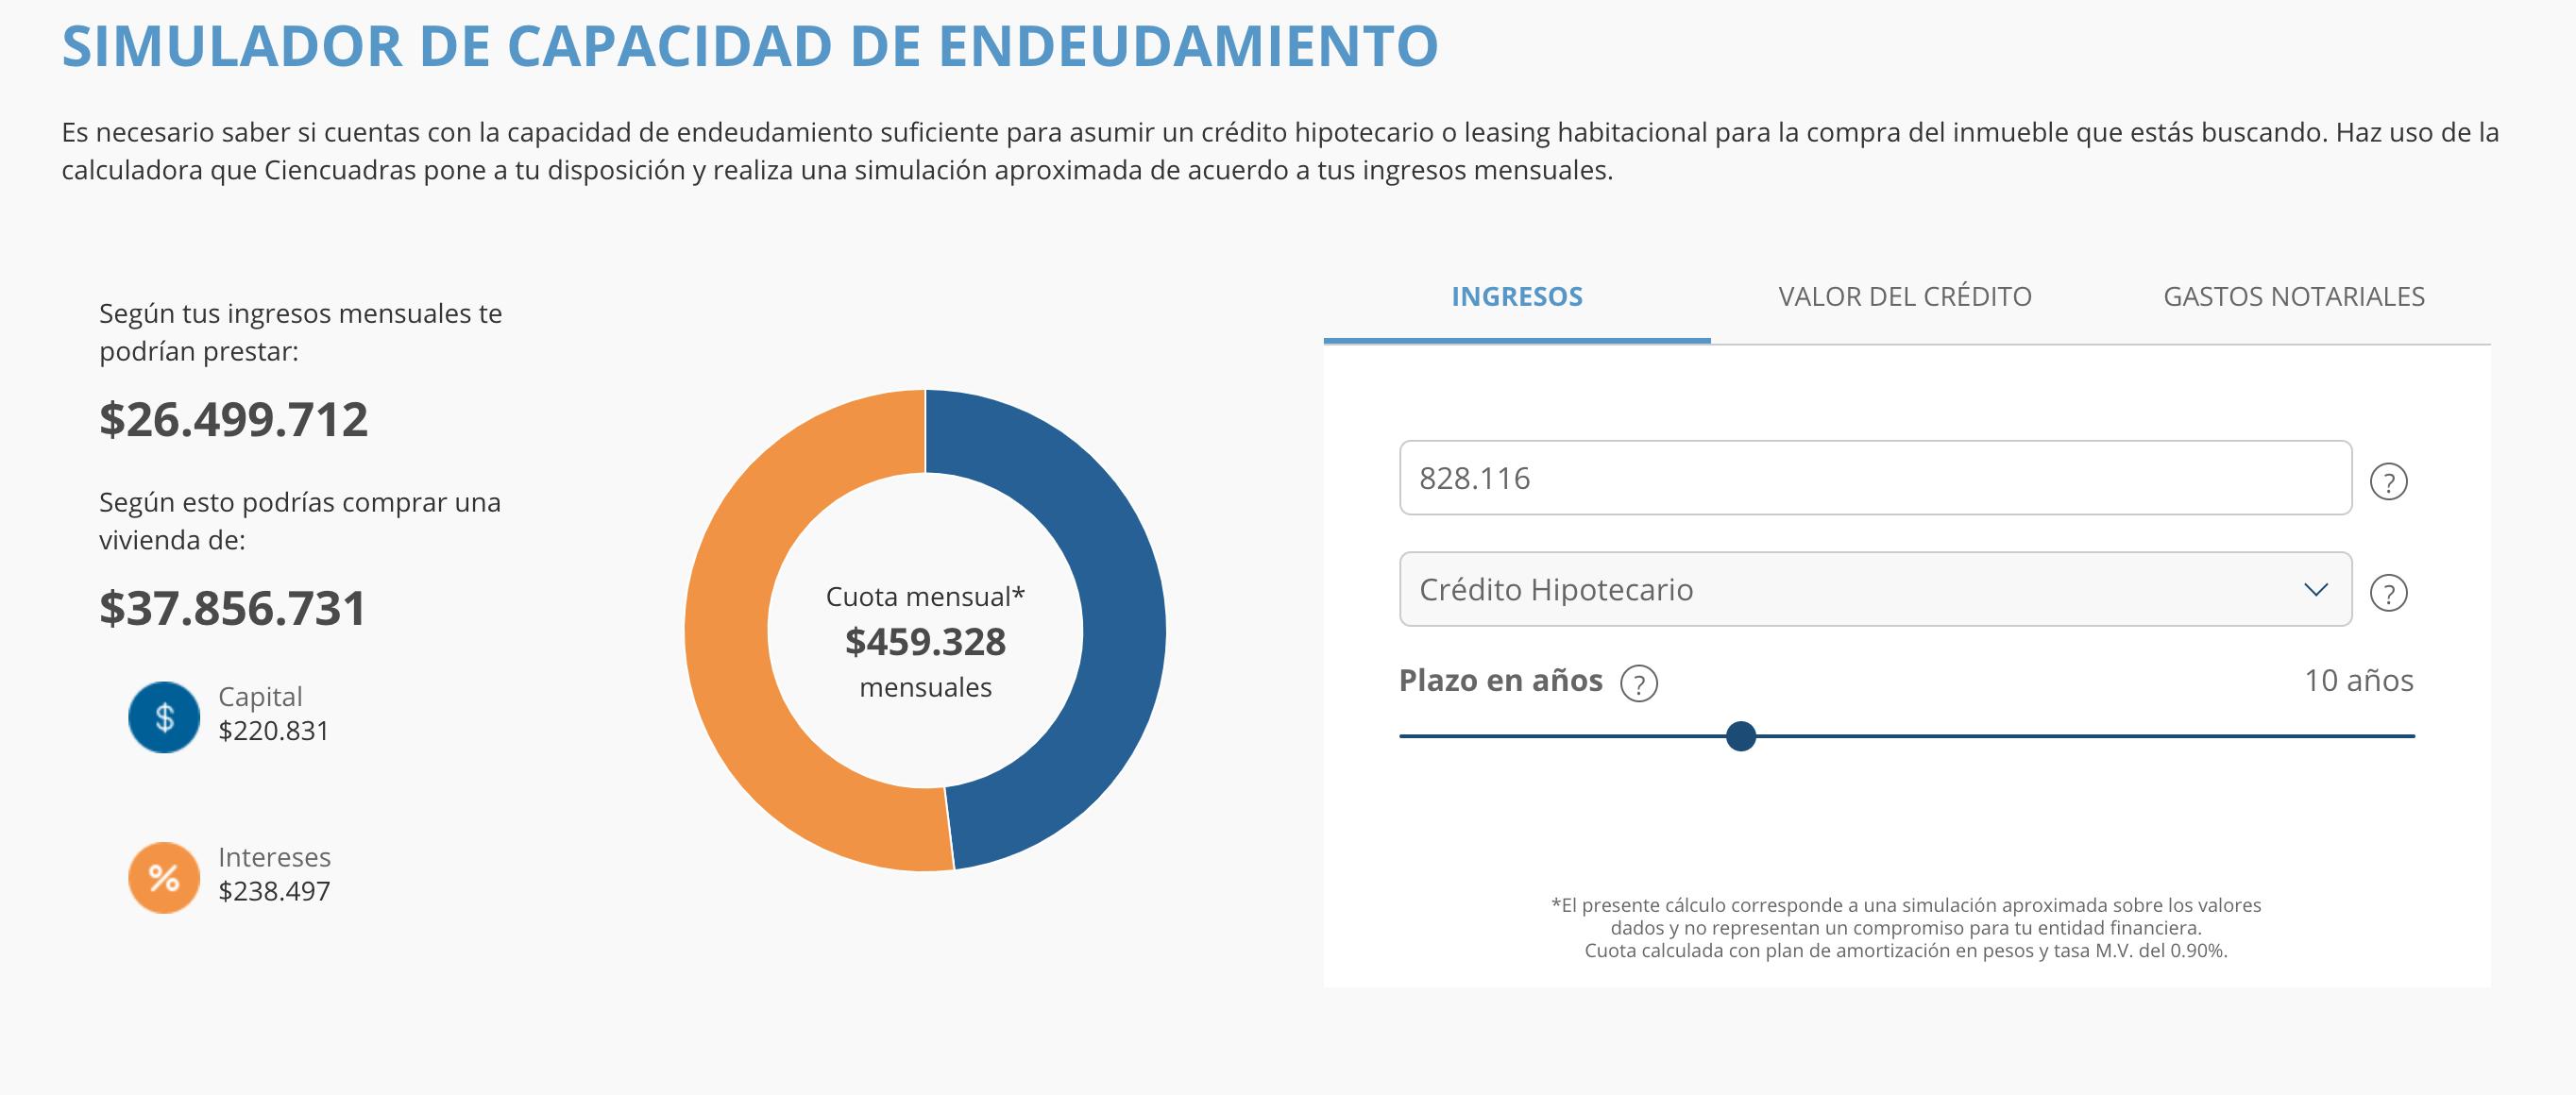 Simulador de capacidad de endeudamiento